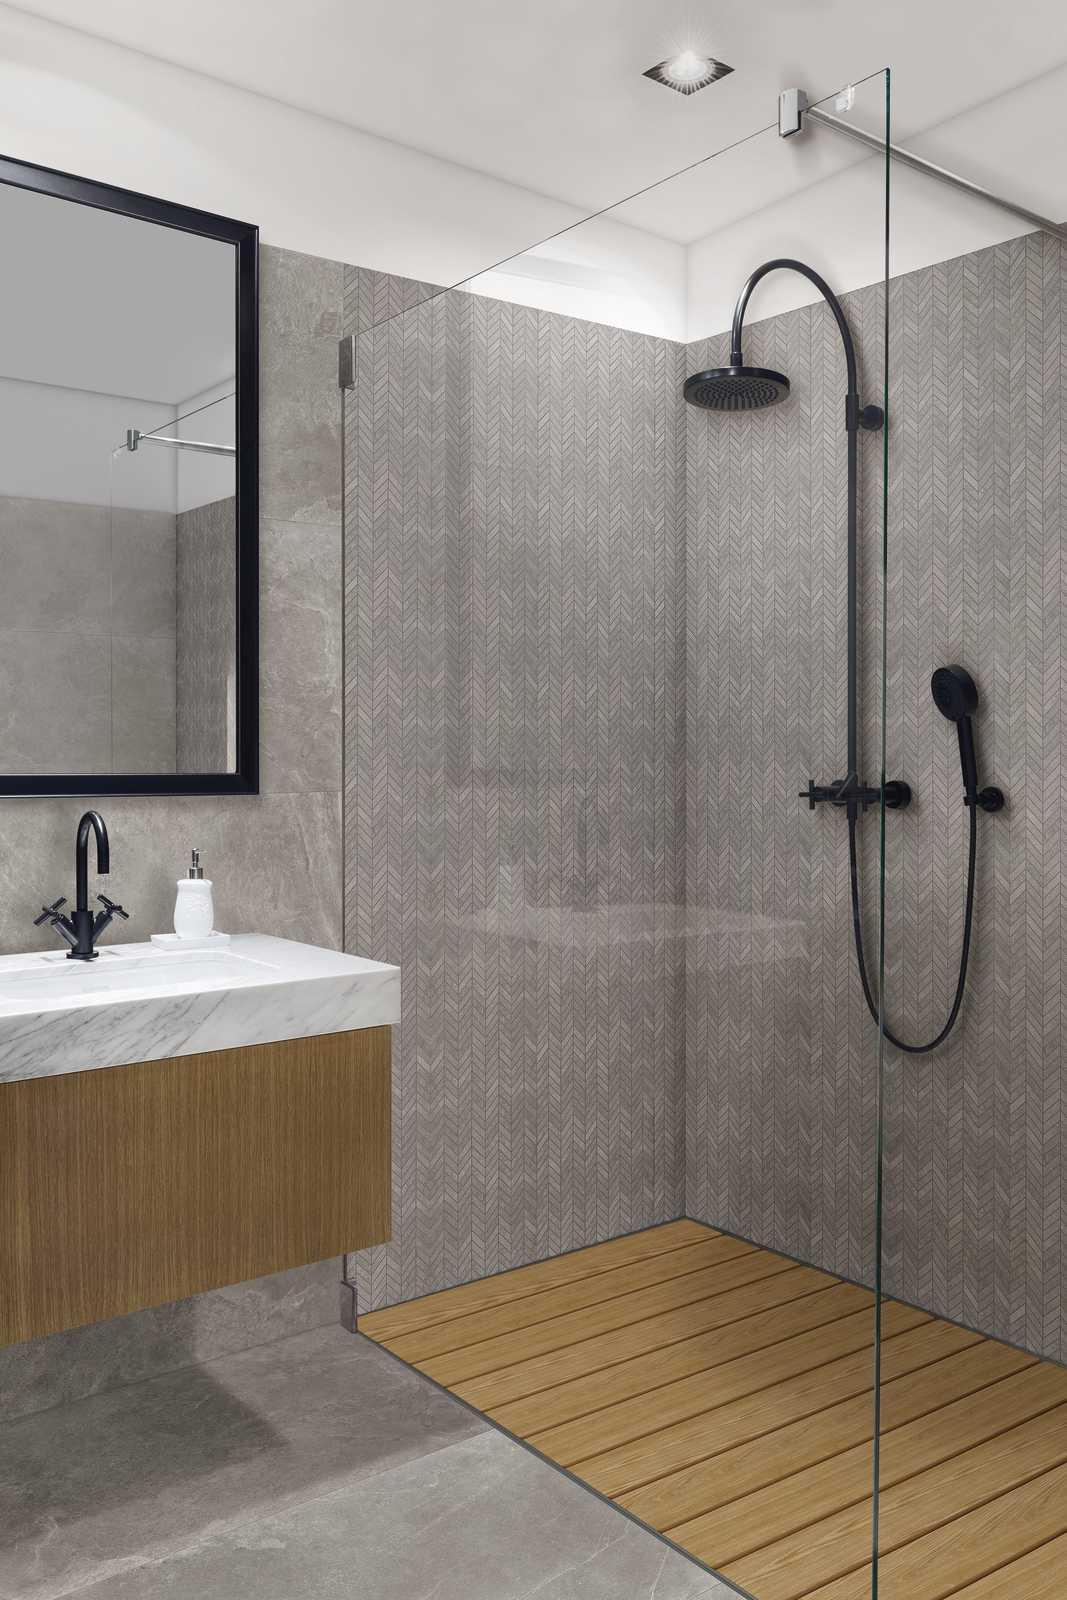 Piastrelle bagno in gres porcellanato ragno - Piastrelle bagno 30x60 ...